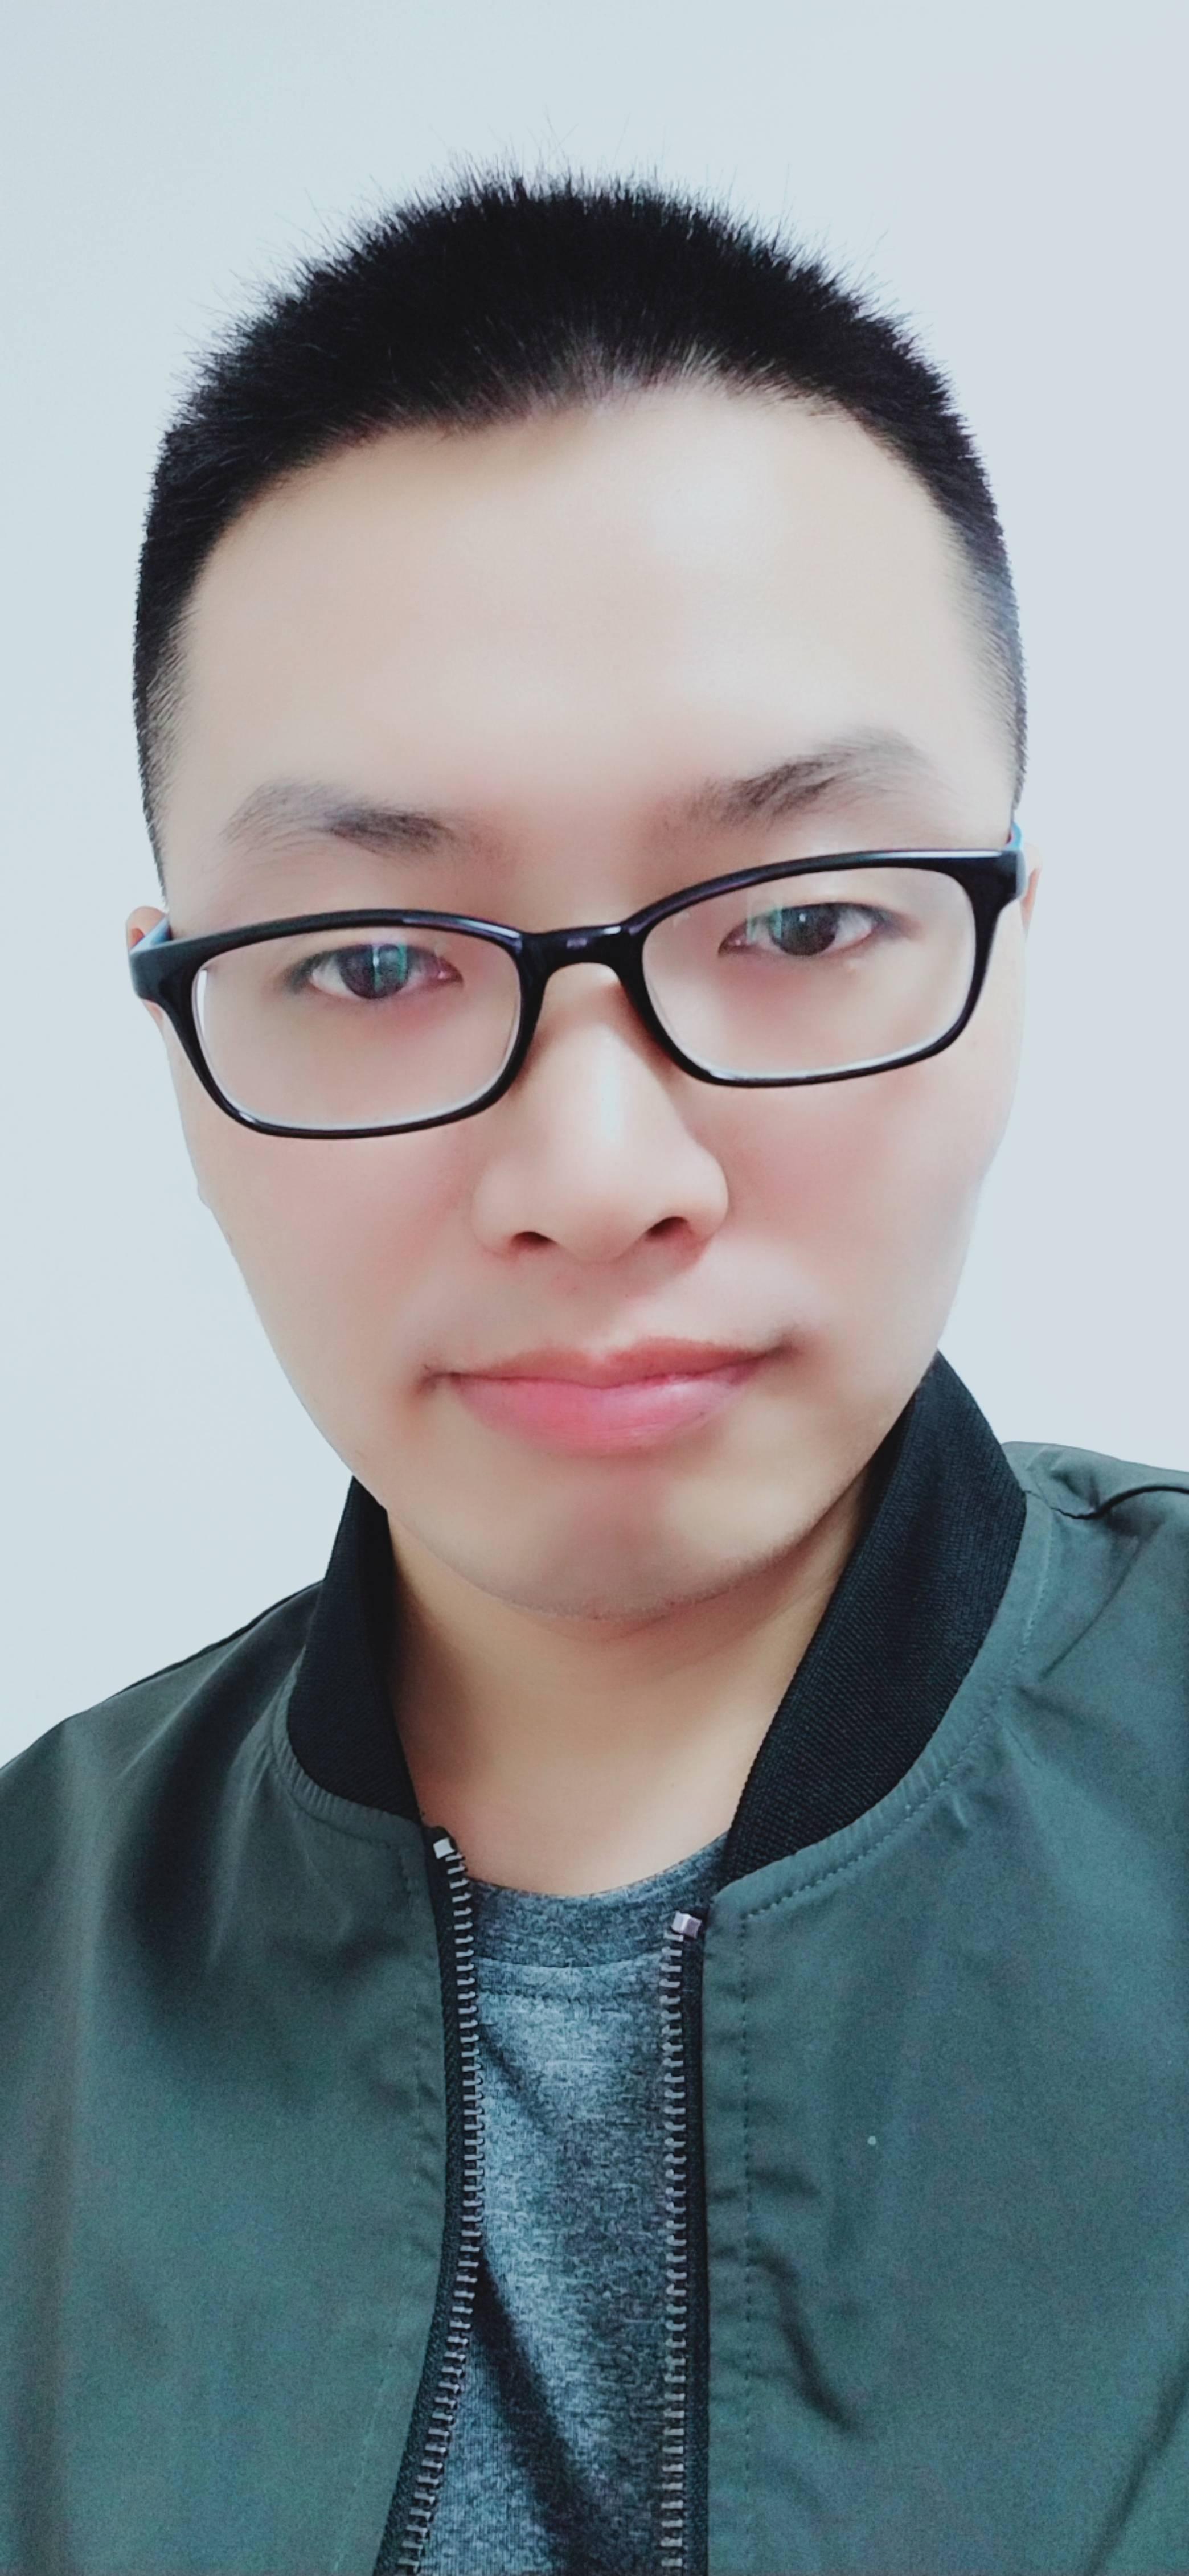 尹口君照片